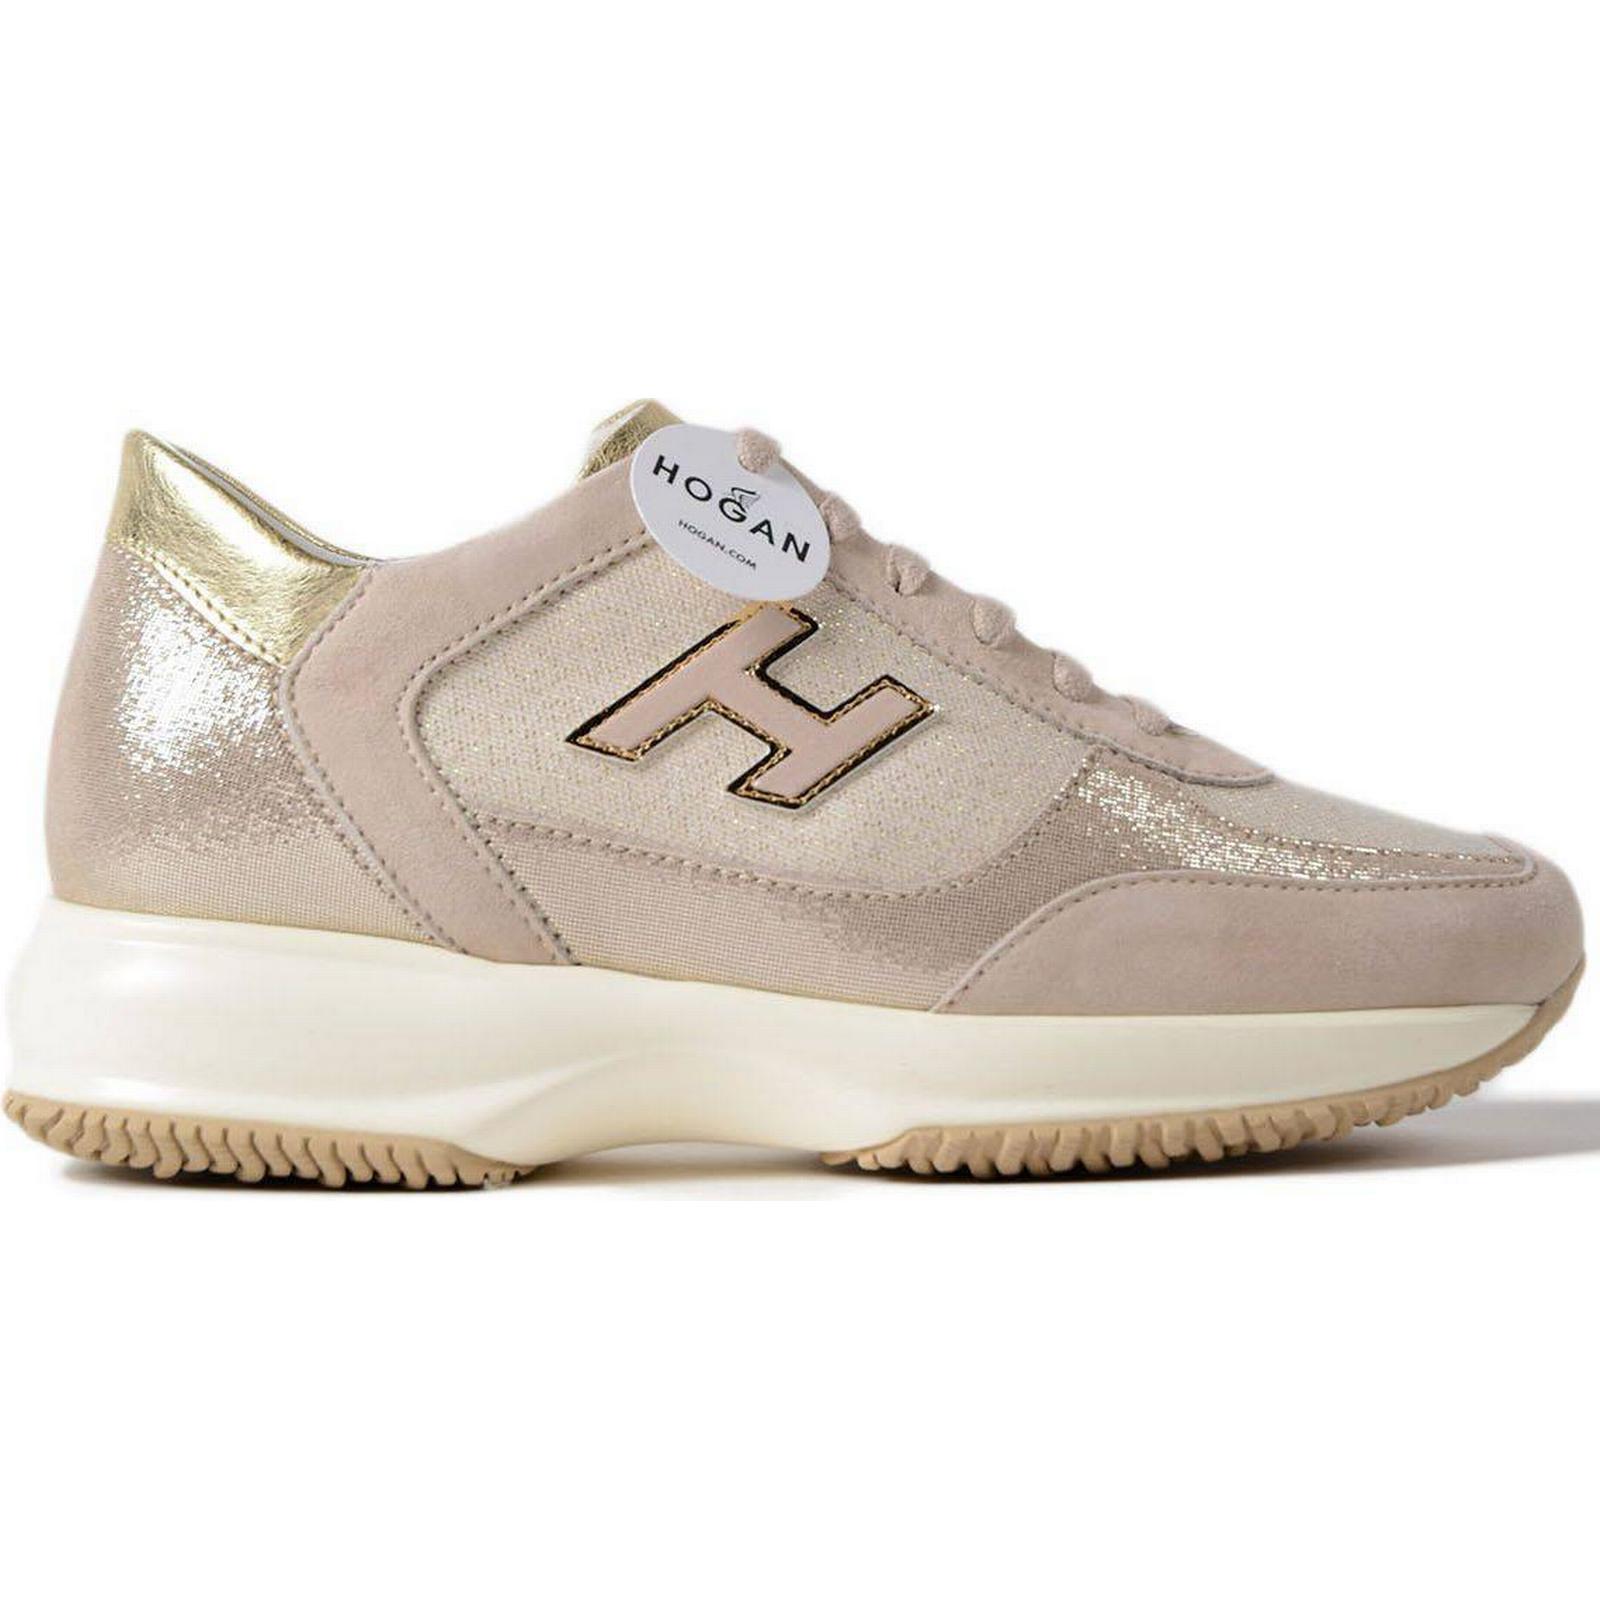 Gentleman/Lady - - Hogan Interactive Flock Sneakers - -  Features 775b83